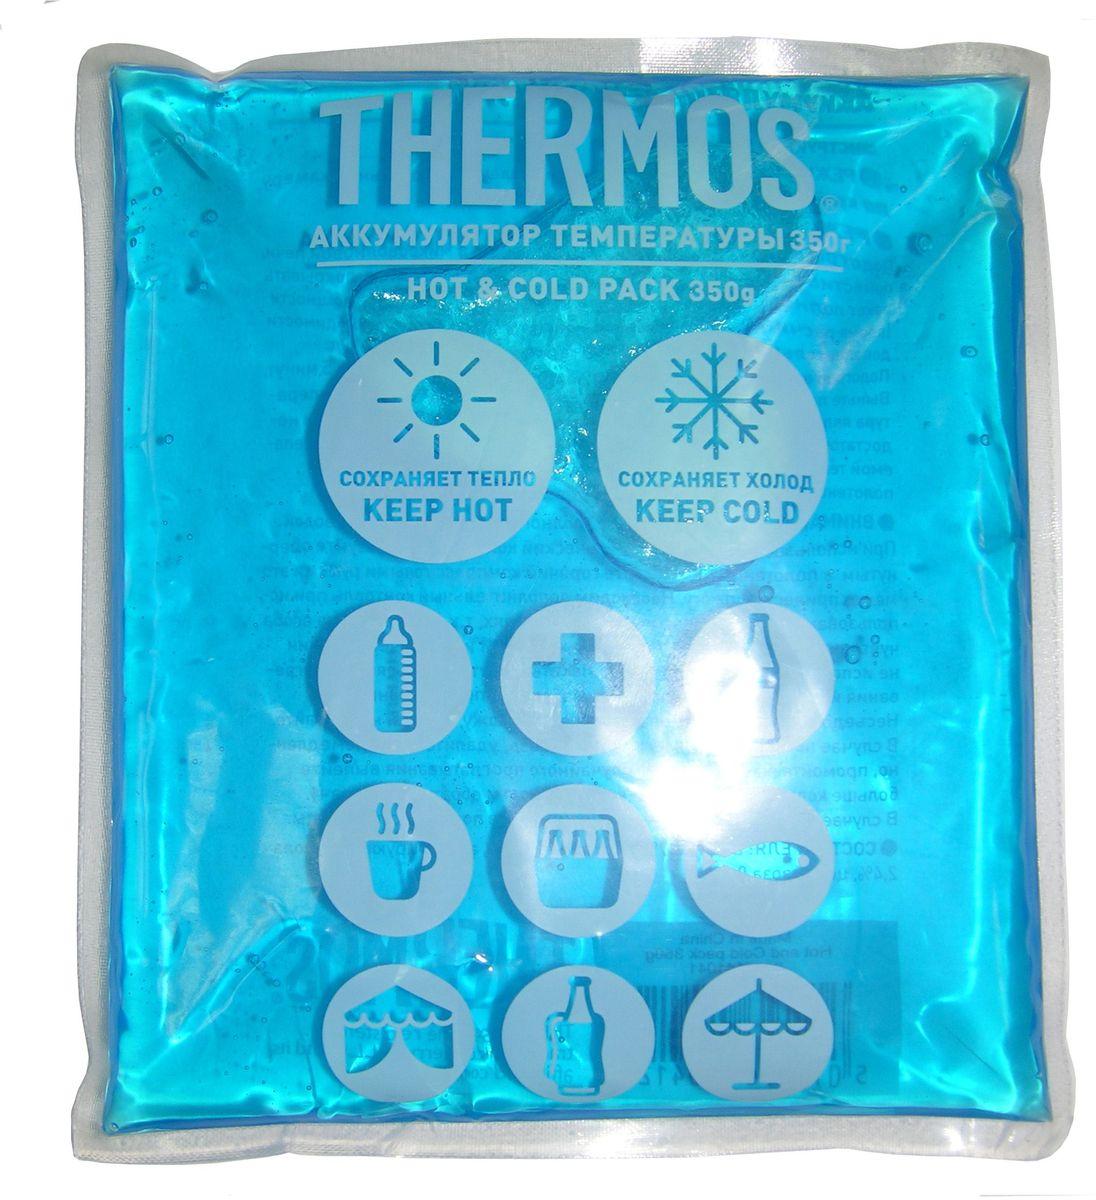 """Аккумулятор температуры Thermos """"Gel Pack"""", цвет: синий, 350 г 410412"""